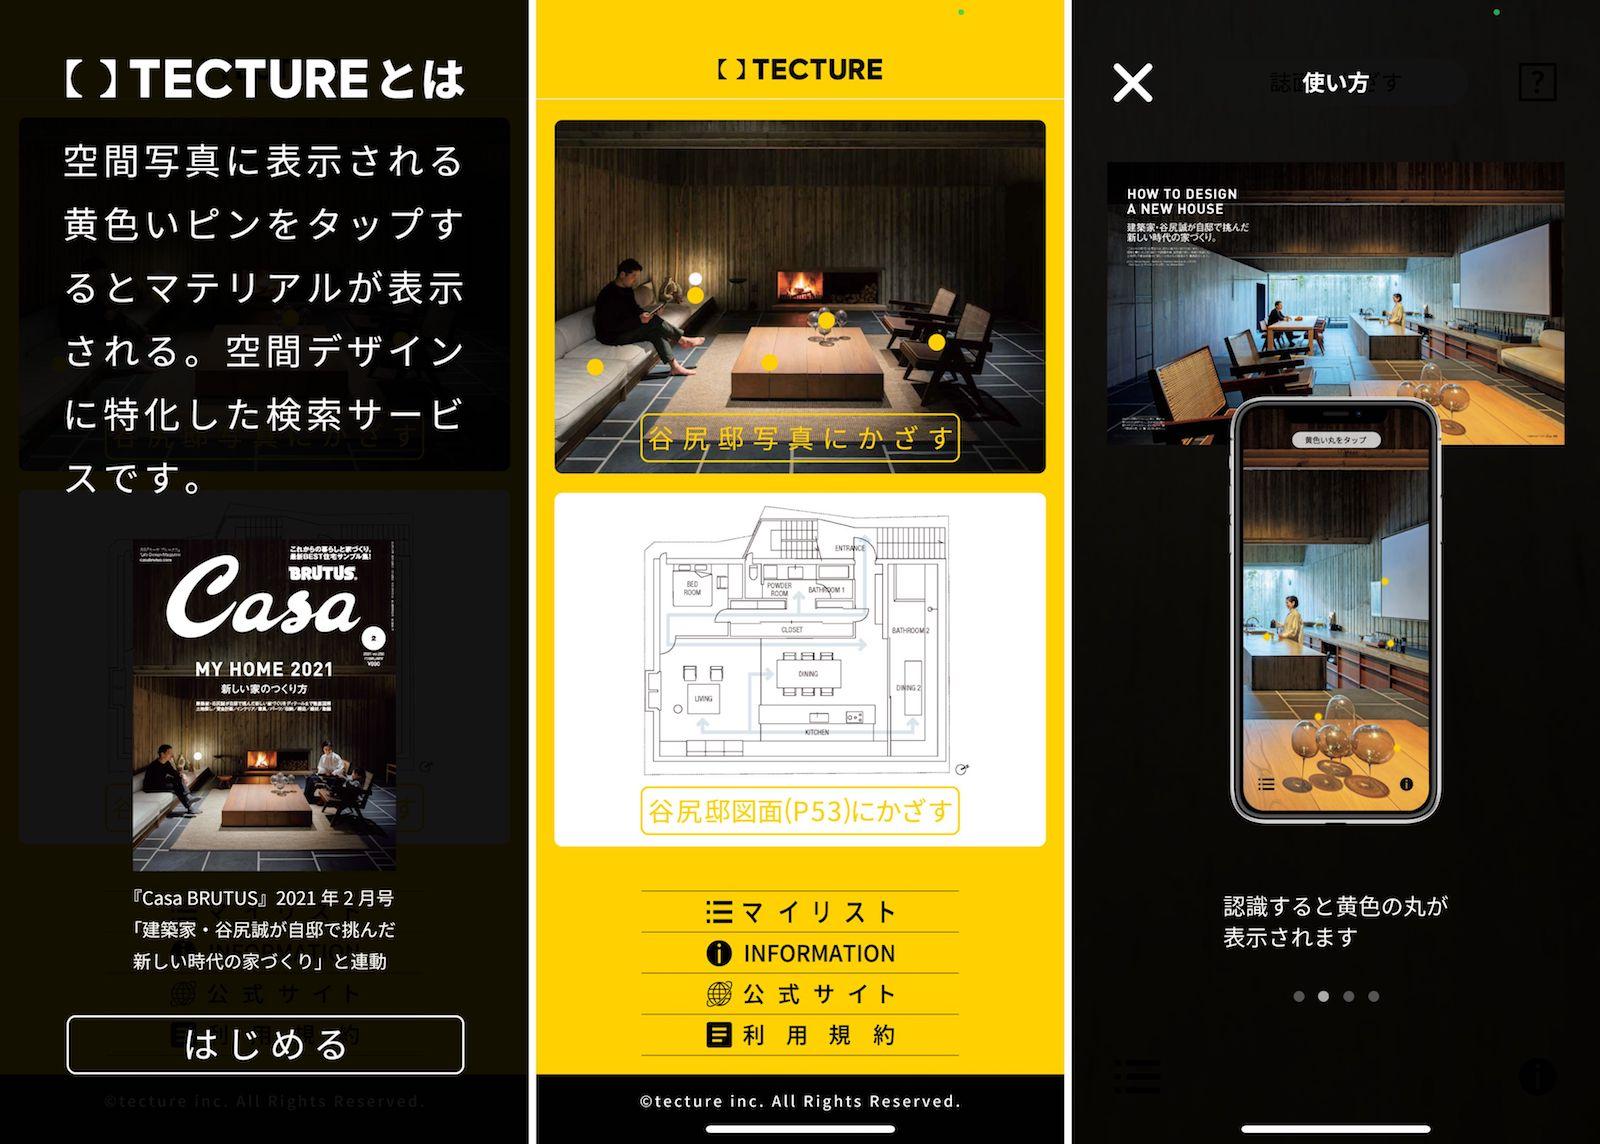 「TECTURE AR」β版 起動中のiPhone画面(左:起動時、中央:メニュー選択、右:ピン表示)